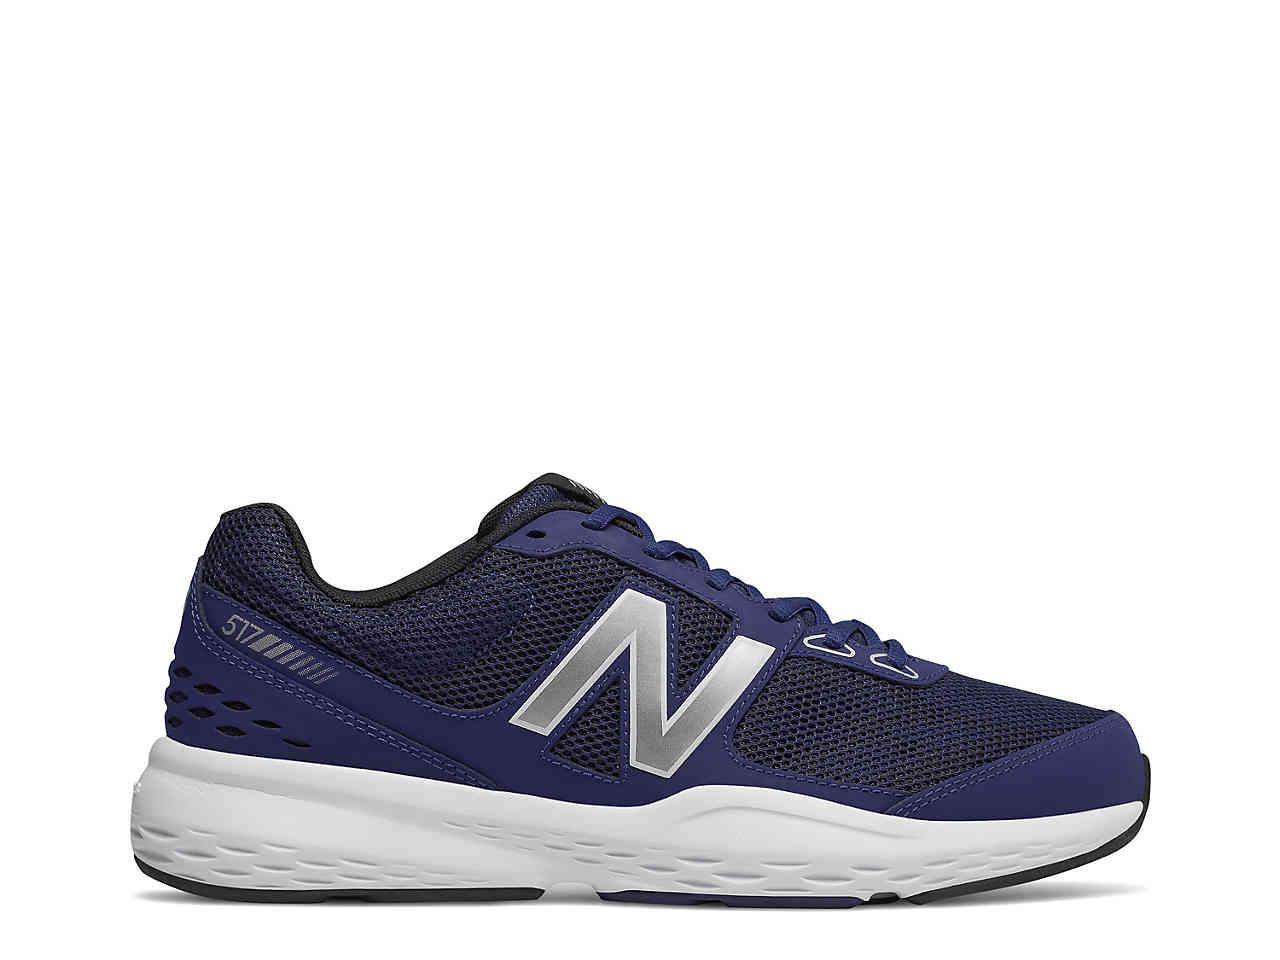 New Balance Synthetic 517 Training Shoe